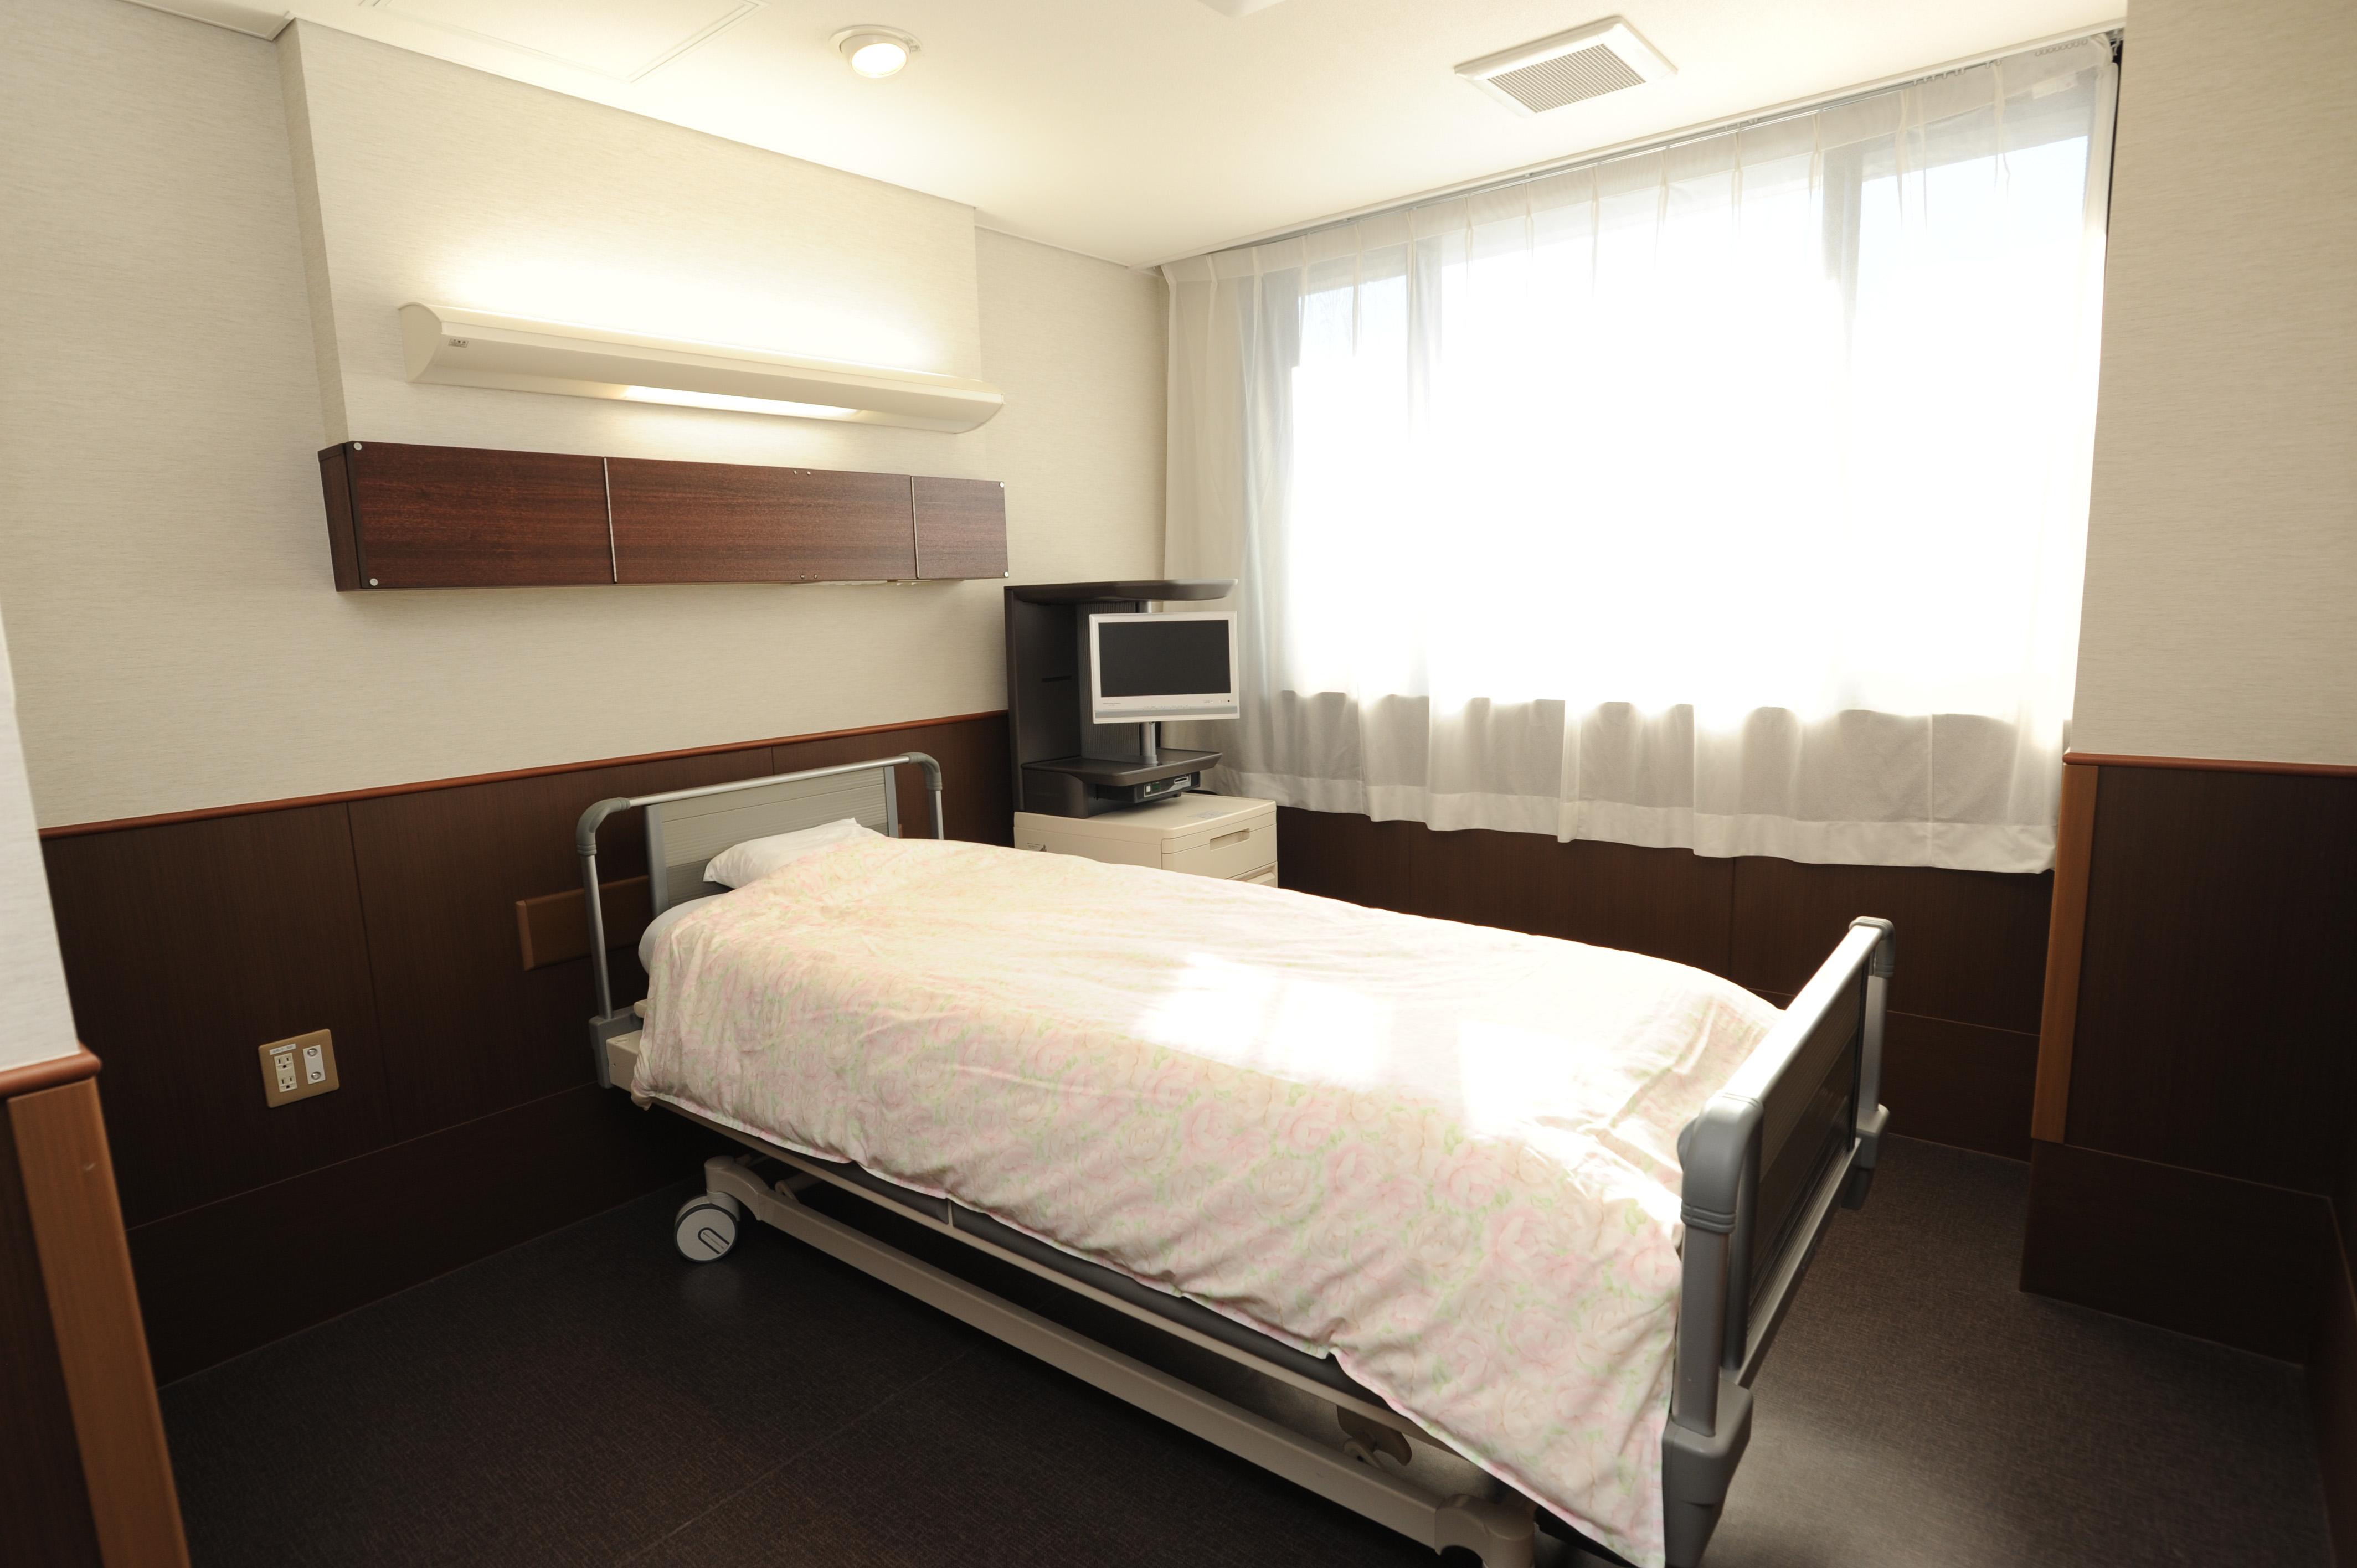 医療法人社団協友会 吉川中央総合病院・求人番号9021543